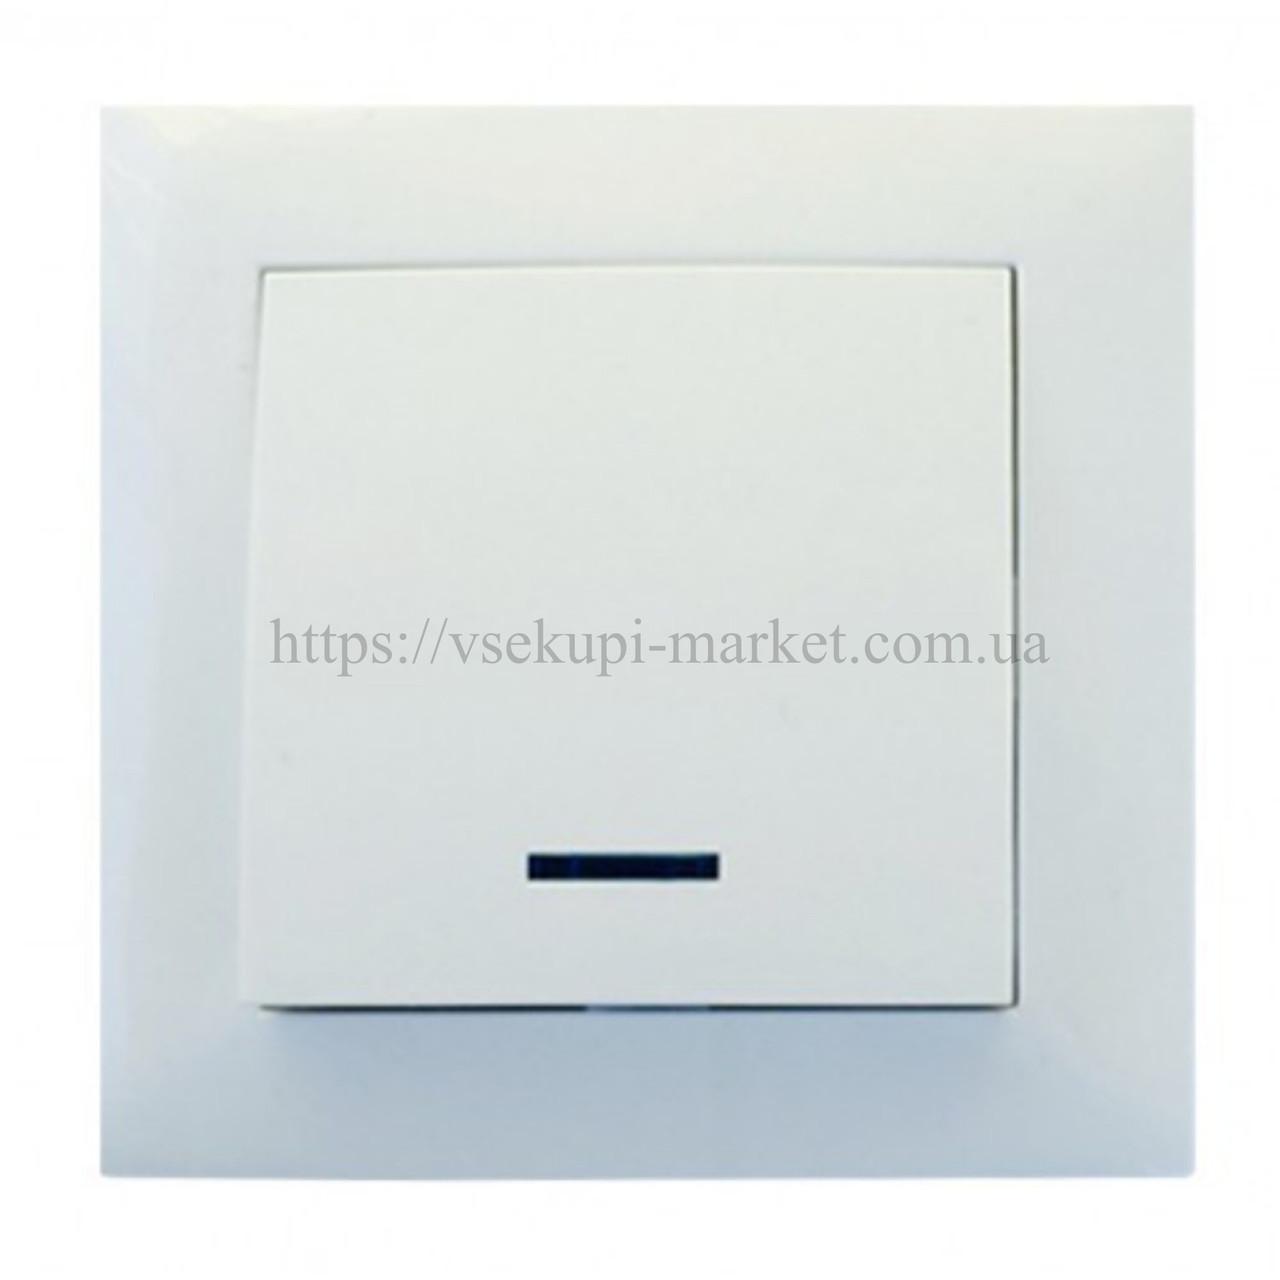 Одинарный выключатель с подсветкой RIGHT HAUSEN VELENA  HN-011021 белый, бежевый